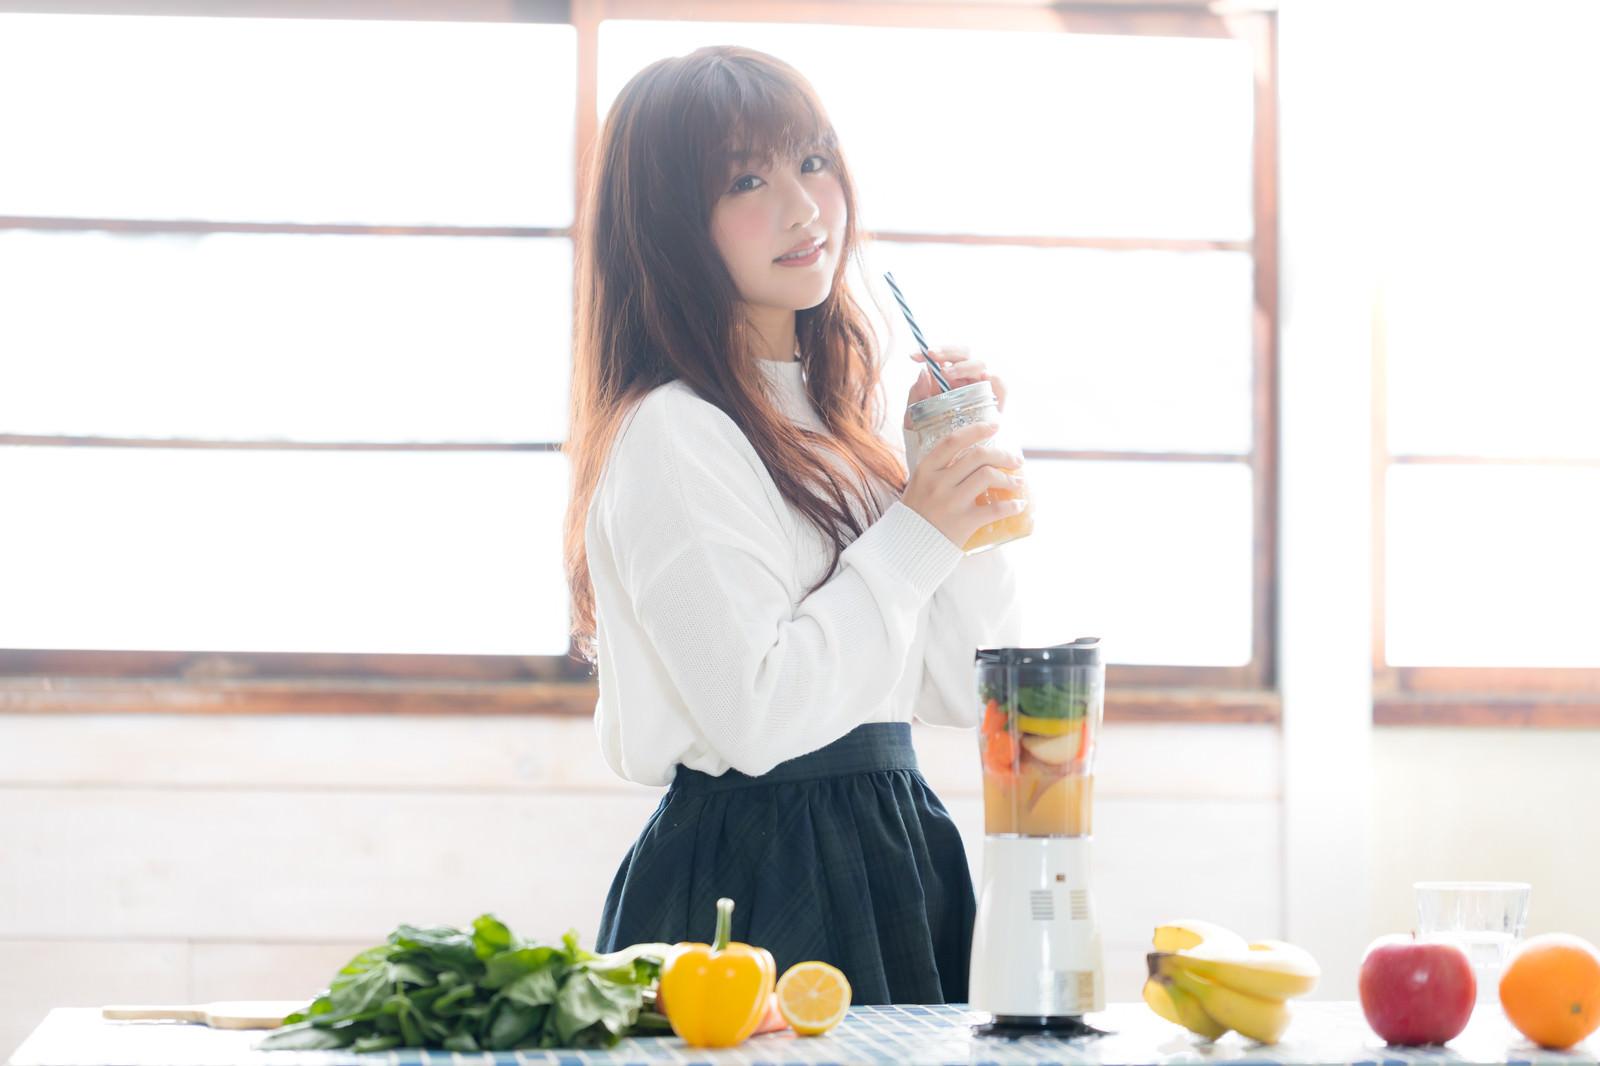 「出来上がったスムージーを飲む女性出来上がったスムージーを飲む女性」[モデル:河村友歌]のフリー写真素材を拡大